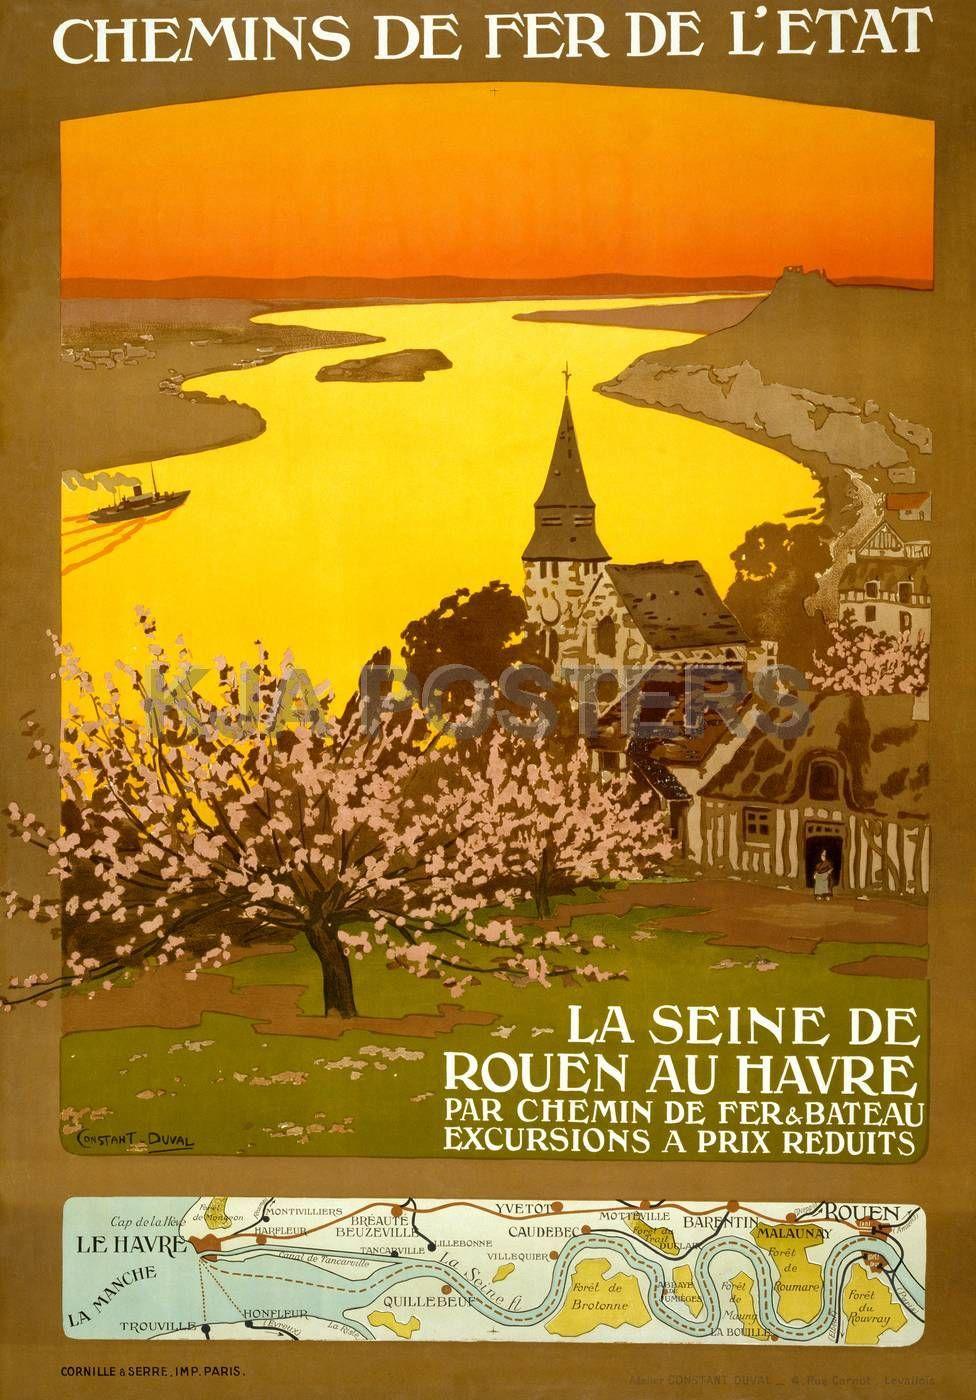 Rouen 2 Affiche chemin de fer Etat